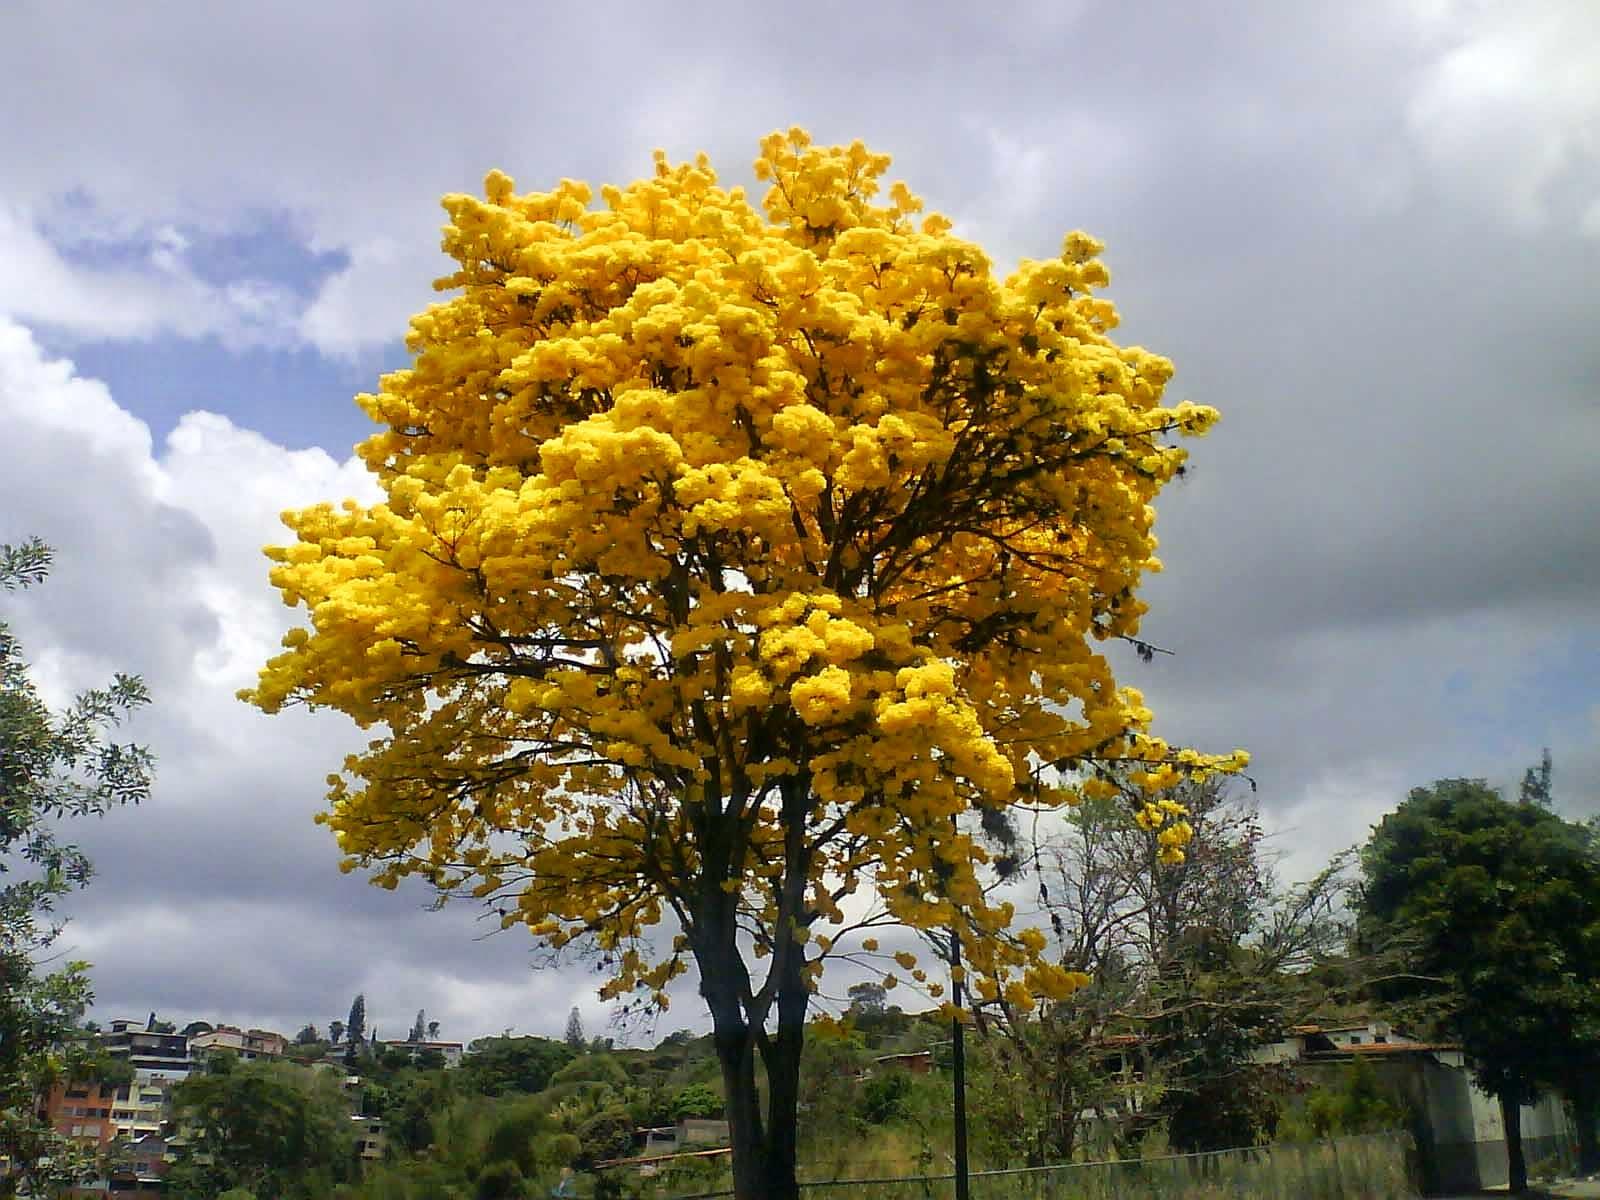 Resultado de imagen para amapa amarilla